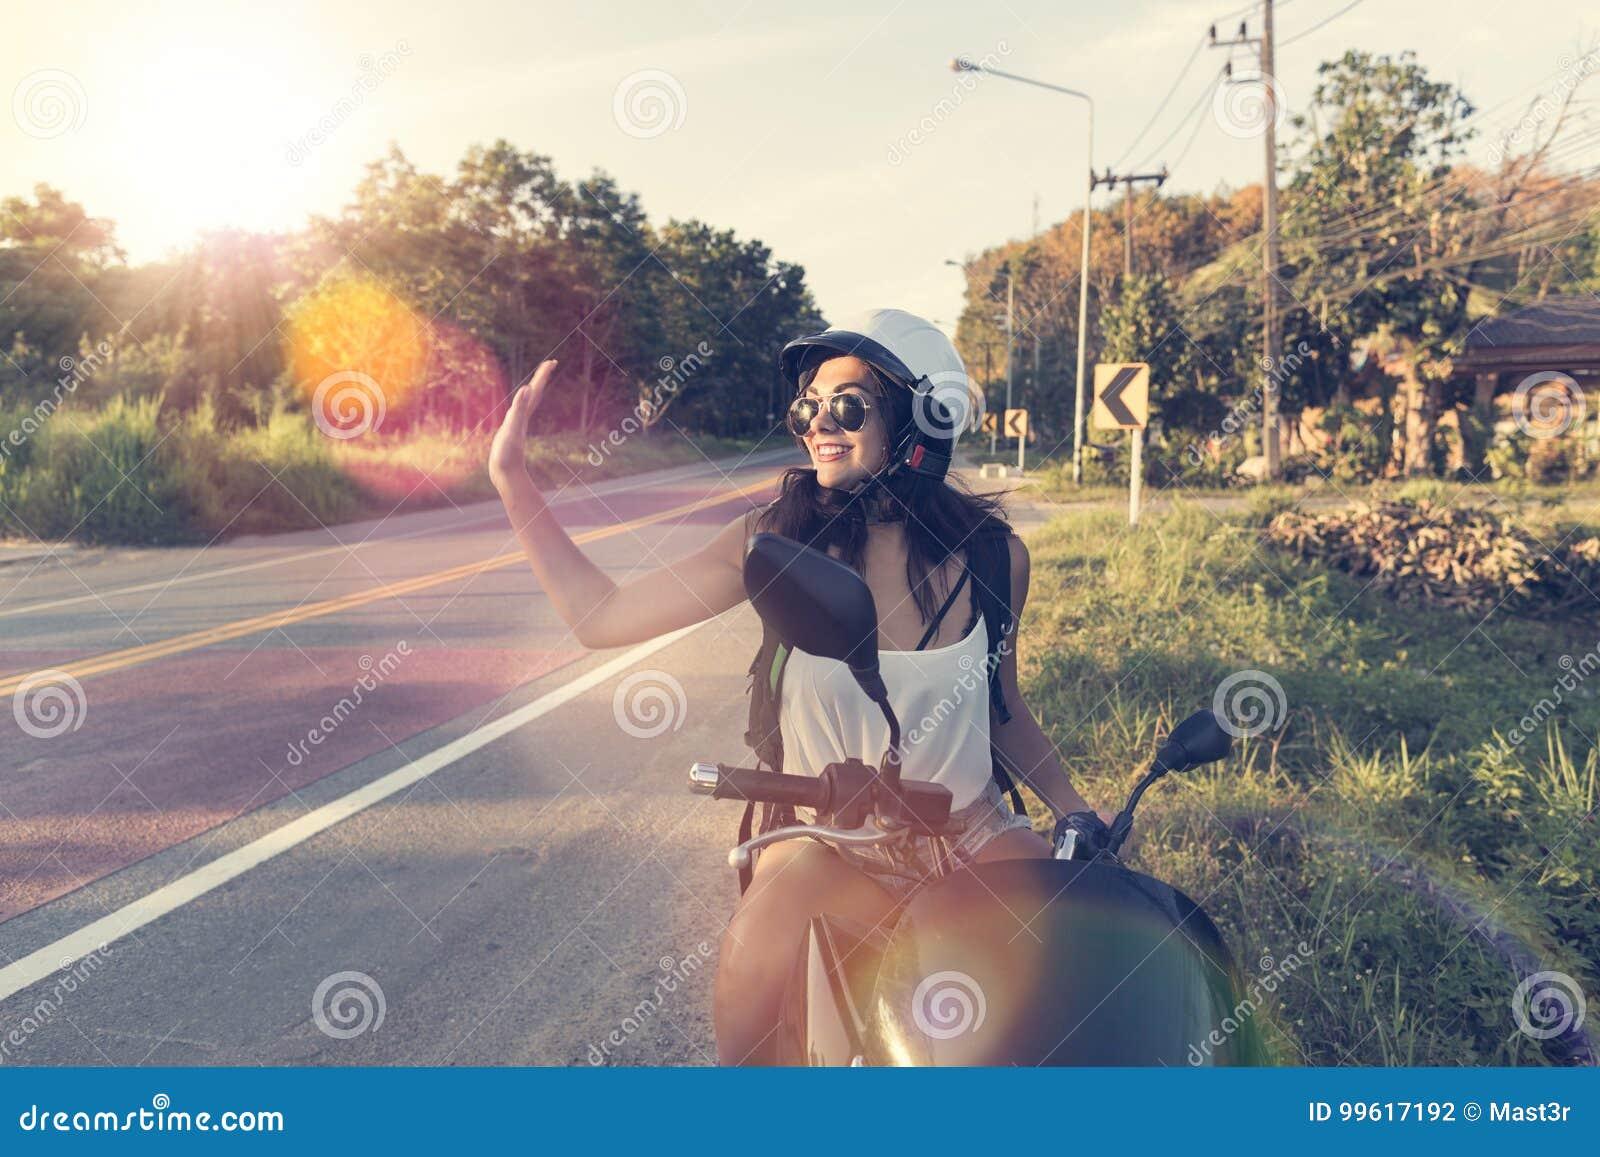 De aantrekkelijke Vrouw geniet Zon van Gloed op Motorfietsslijtage Helemt op Reis van de de Vrouwenmotorrijder van de Plattelands